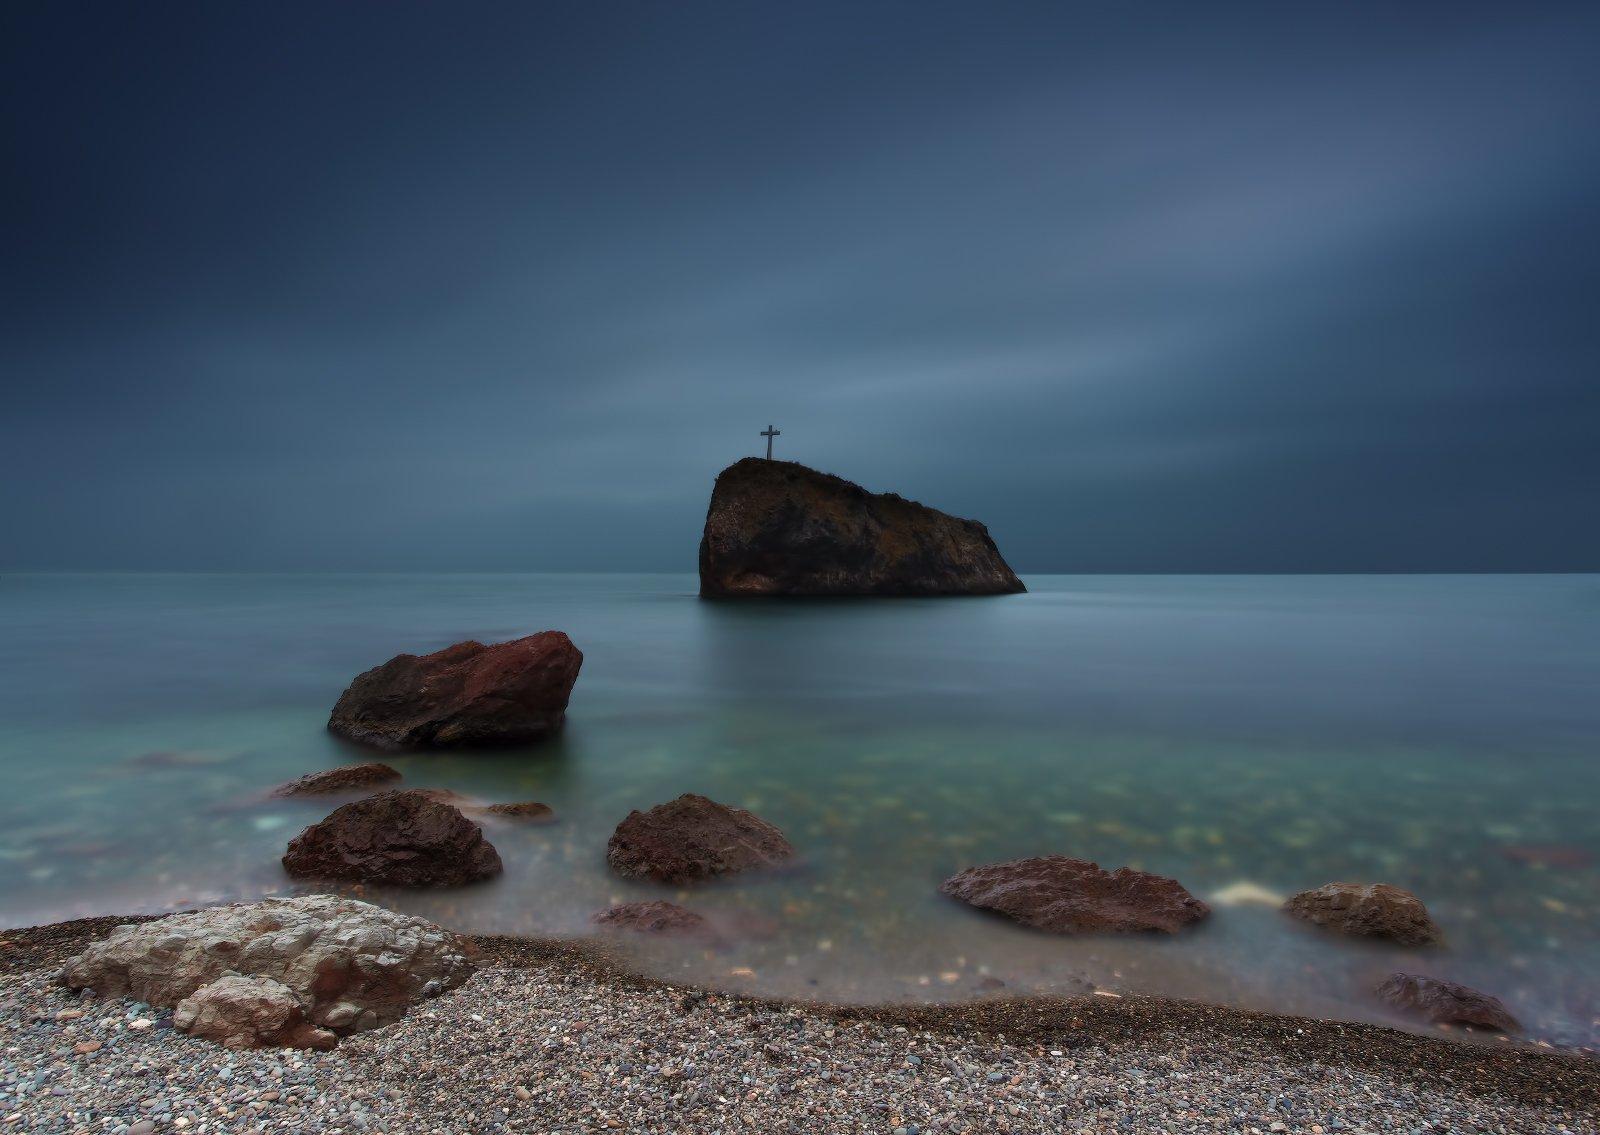 фиолент море камни скала небо, Михаил Трахтенберг ( t_berg )